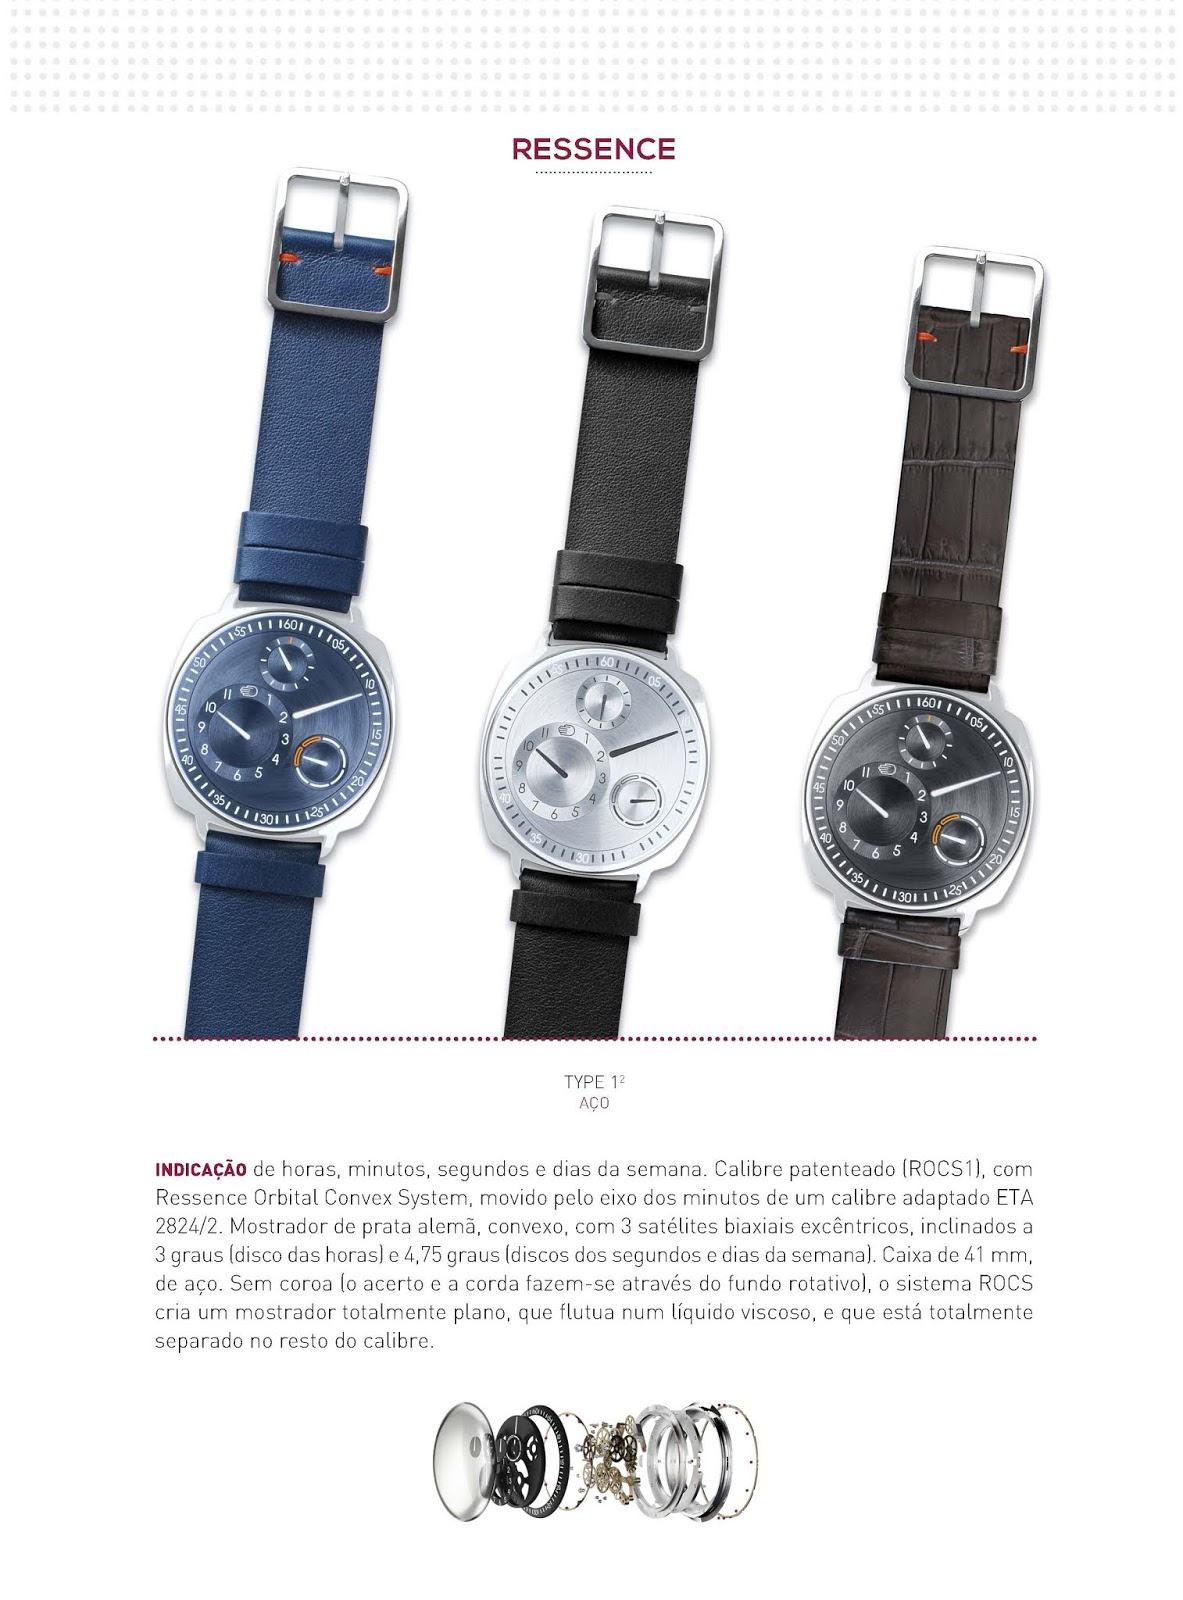 496f1b81435 Estação Cronográfica  Os relógios Ressence no Relógios   Canetas online